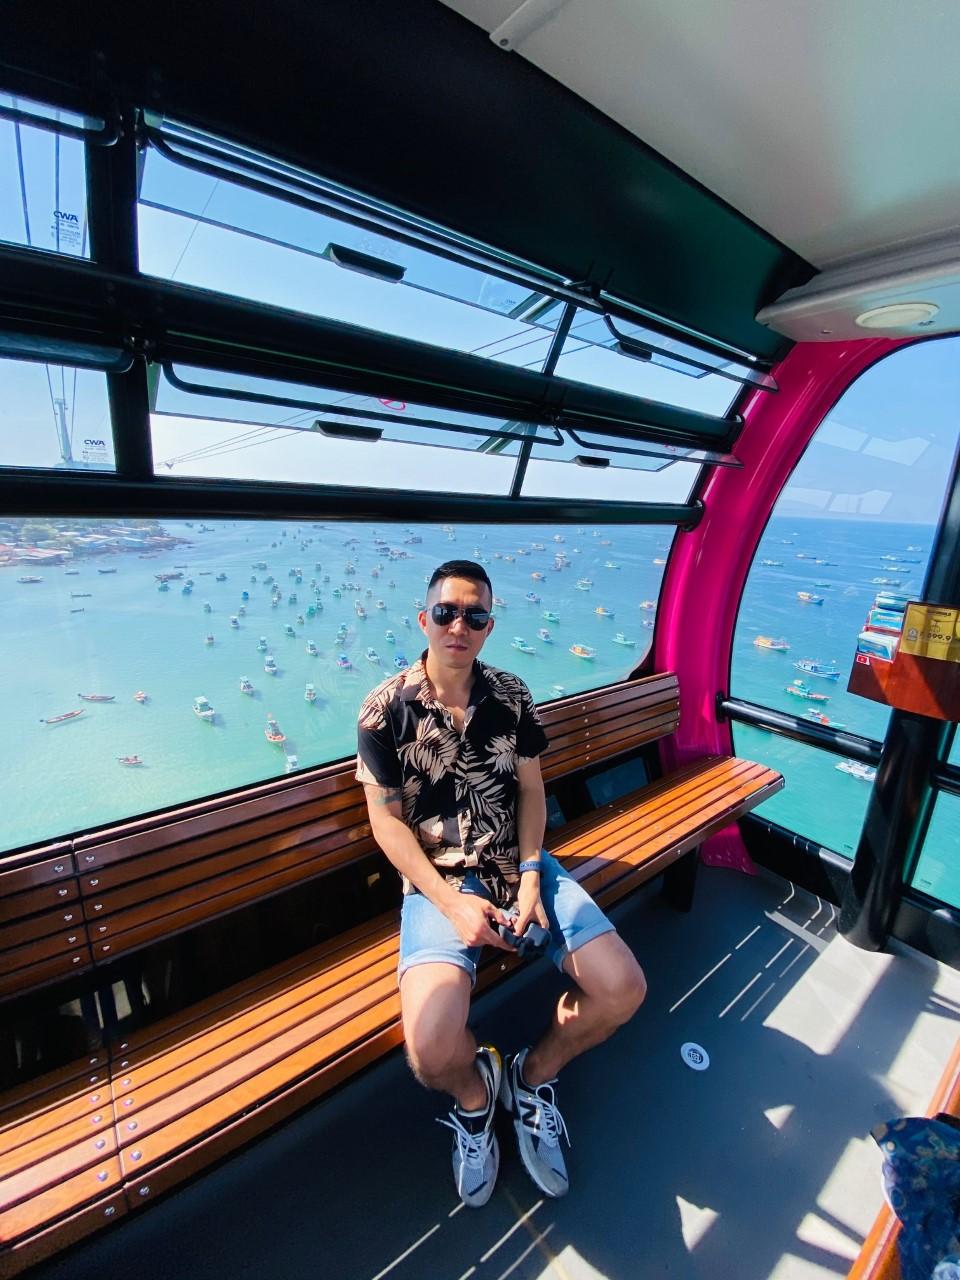 Hoàng Nam cho rằng điểm khác biệt nhất ở Phú Quốc là nơi có gần như mọi thứ trên một hòn đảo. Bạn có thể di chuyển dễ dàng để khám phá biển đảo, núi rừng, các khu chợ địa phương hay di tích lịch sử, văn hoá... Anh đánh giá  thời điểm cuối năm cực kỳ lý tưởng để du lịch Phú Quốc vì thời tiết đẹp, khách sạn và dịch vụ đang ở mức giá hợp lý, phù hợp nếu bạn đi với bạn bè hay gia đình. Bạn có thể kết hợp khám phá biển đảo, tìm các địa điểm checkin, tham gia các trò chơi nước hay đơn giản là nghỉ dưỡng, tận hưởng không khí trong lành và lưu lại những hình ảnh thật đẹp ở nơi đây. Ảnh: NVCC